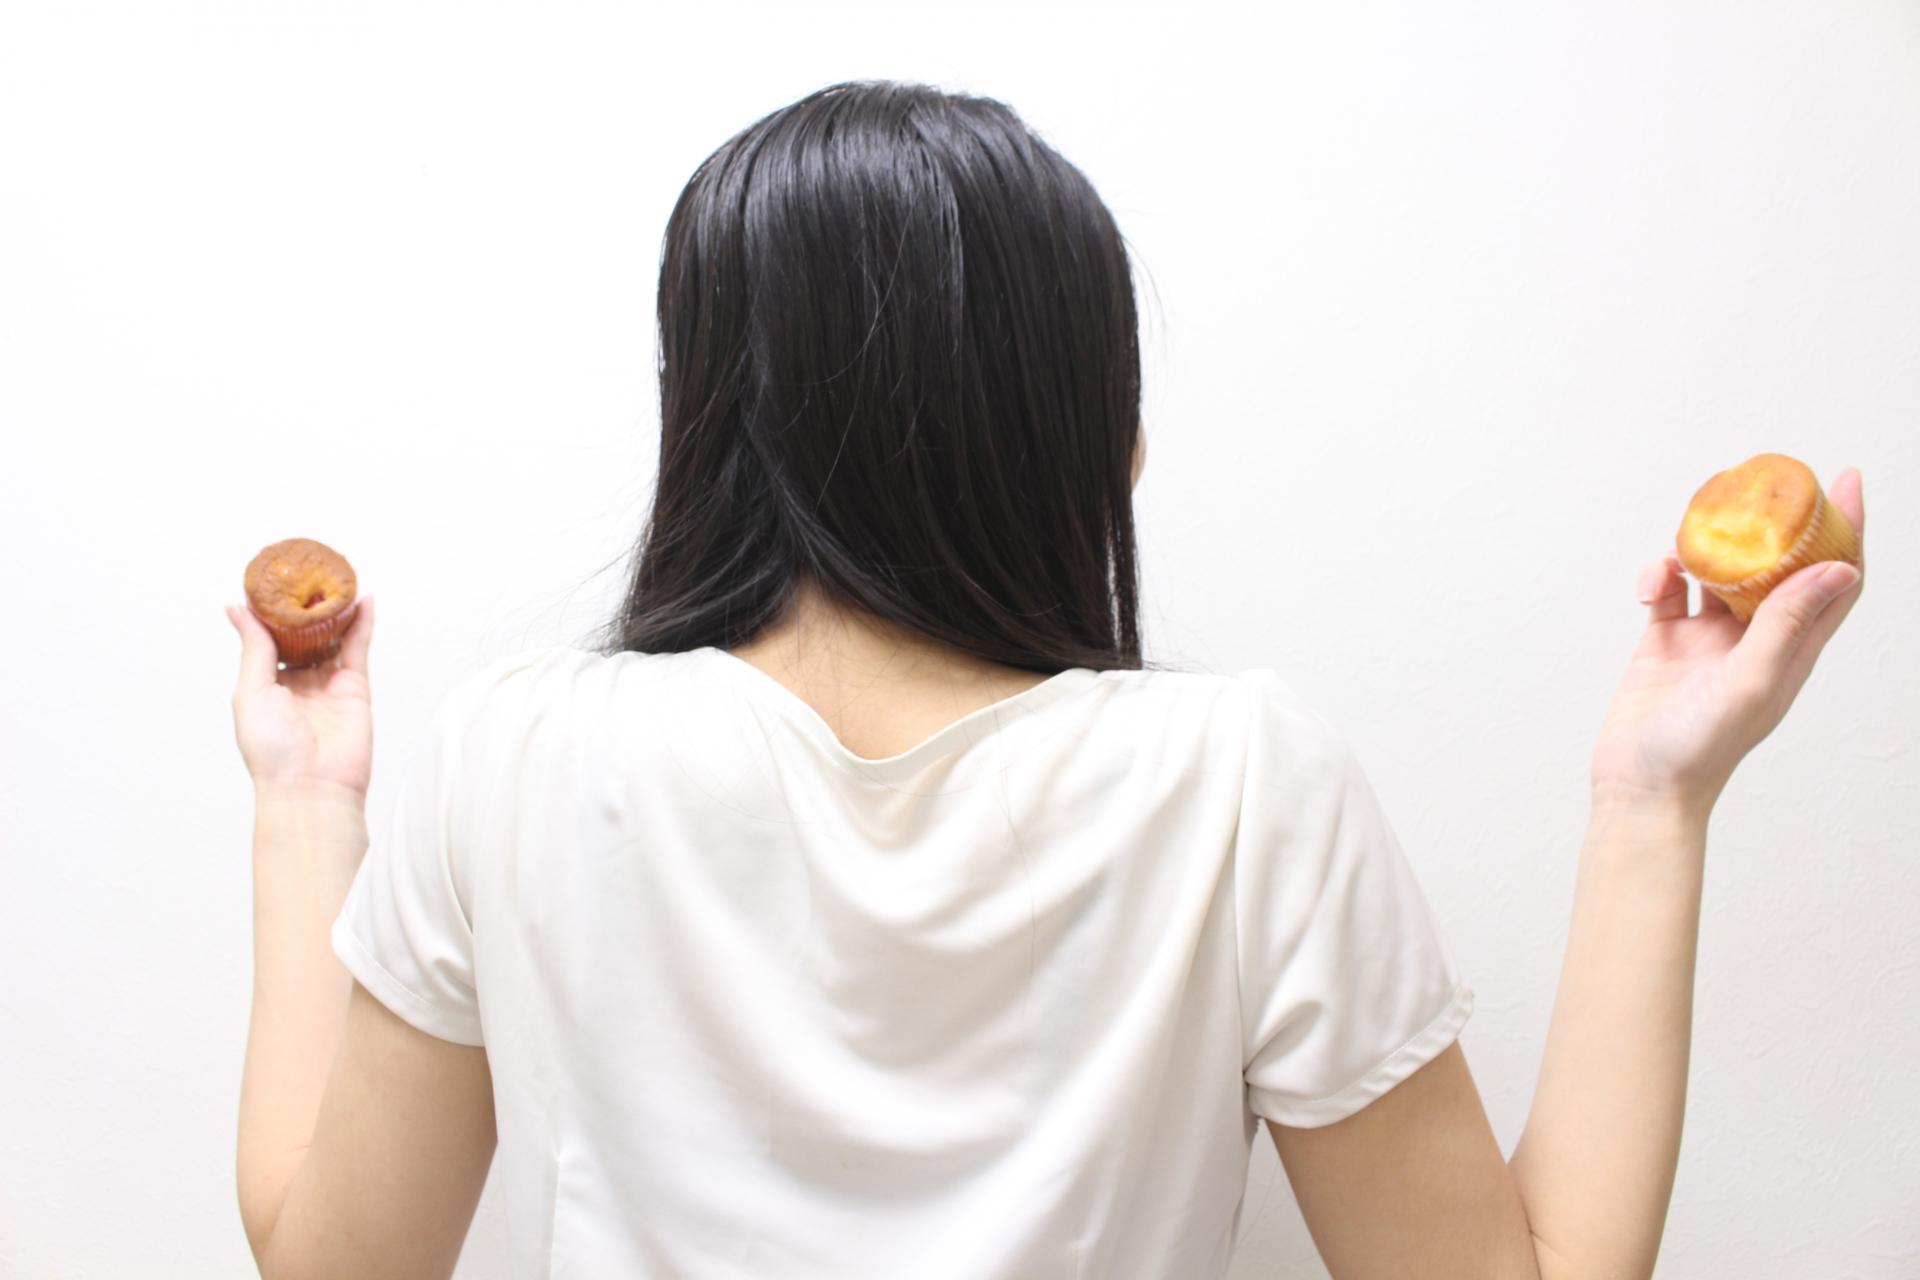 暴飲暴食をする女性